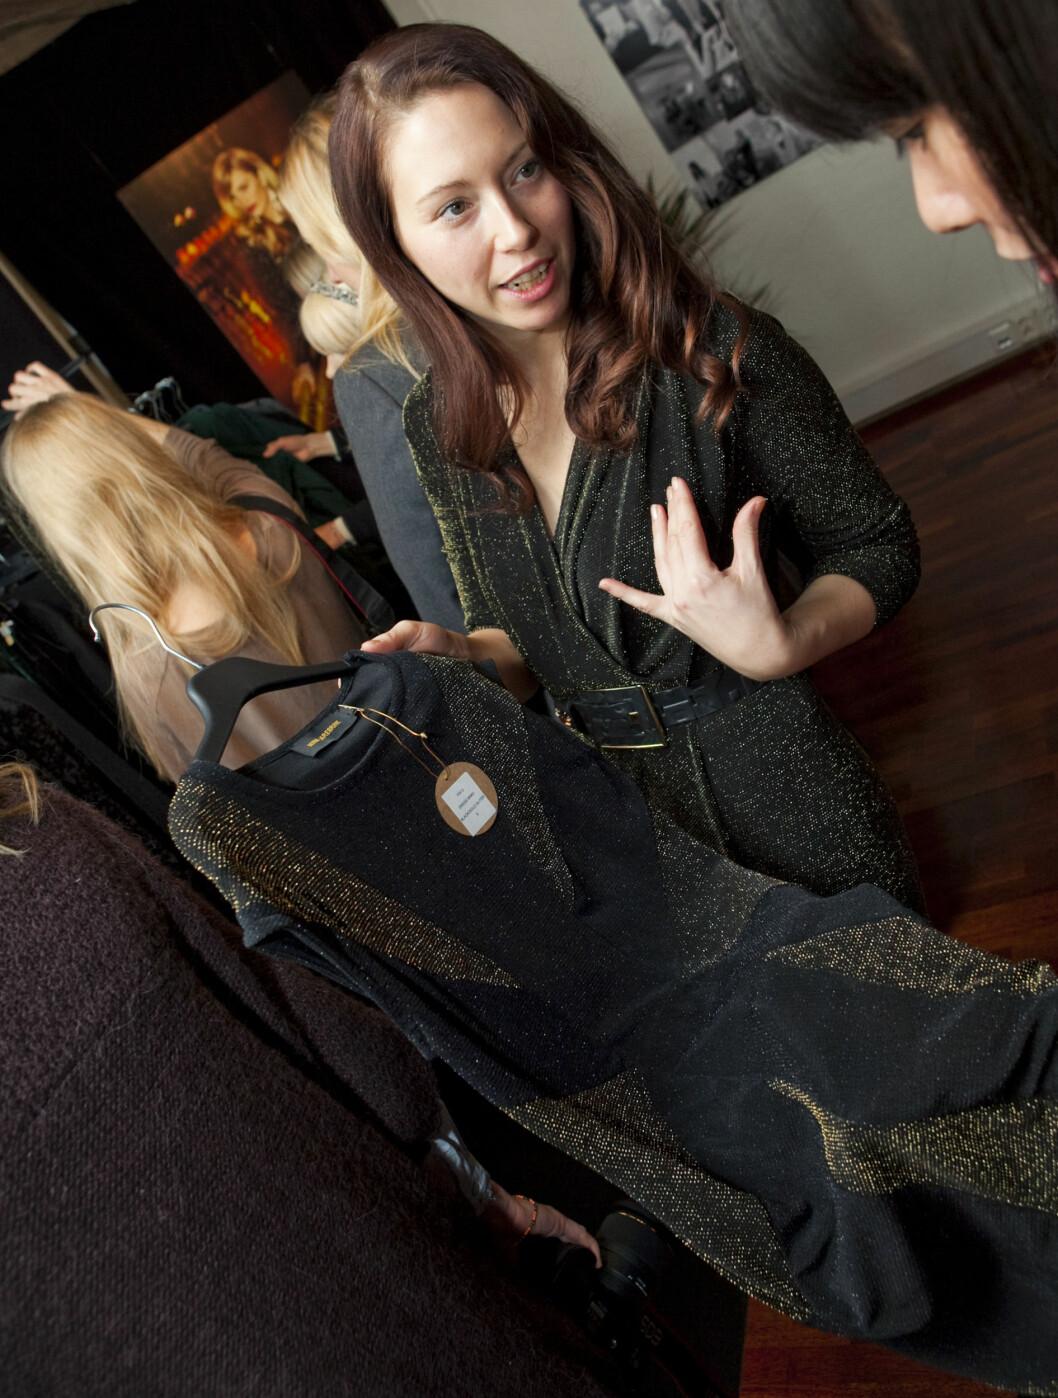 DESIGNER FOR KVINNER: Nina Jarebrink er ikke bare designer av kvinneklær, men designer virkelig for kvinnekroppen. - Jeg prøver alltid å lage klær som skal være flatterende for alle kvinner, sier hun.  Foto: Per Ervland